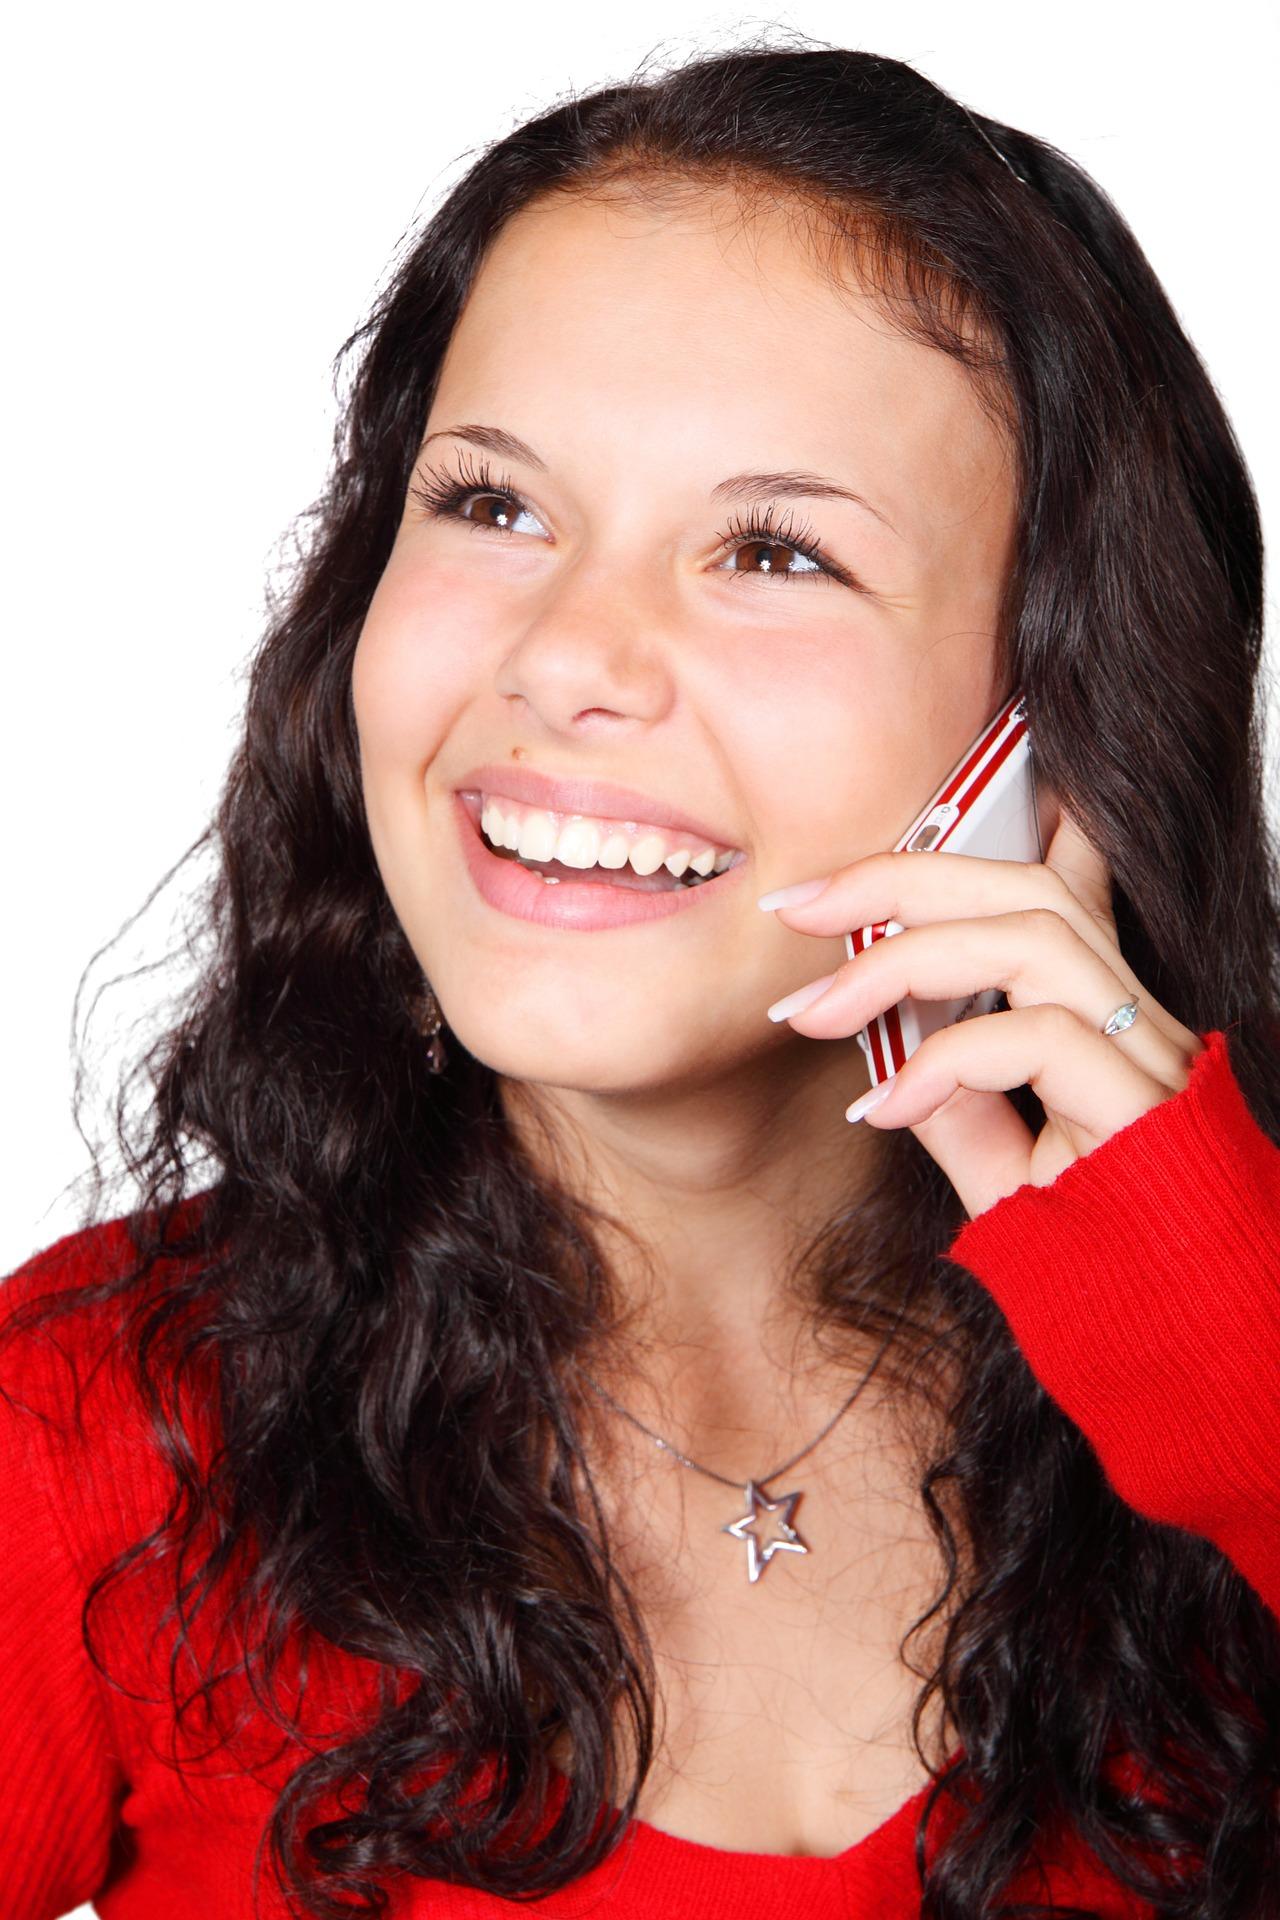 30 Sekunden Gespräch Kaltakquise Akquise Kundengewinnung Entscheider Kommunikation akquirieren Gesprächspartner Elevator Pitch authentisch